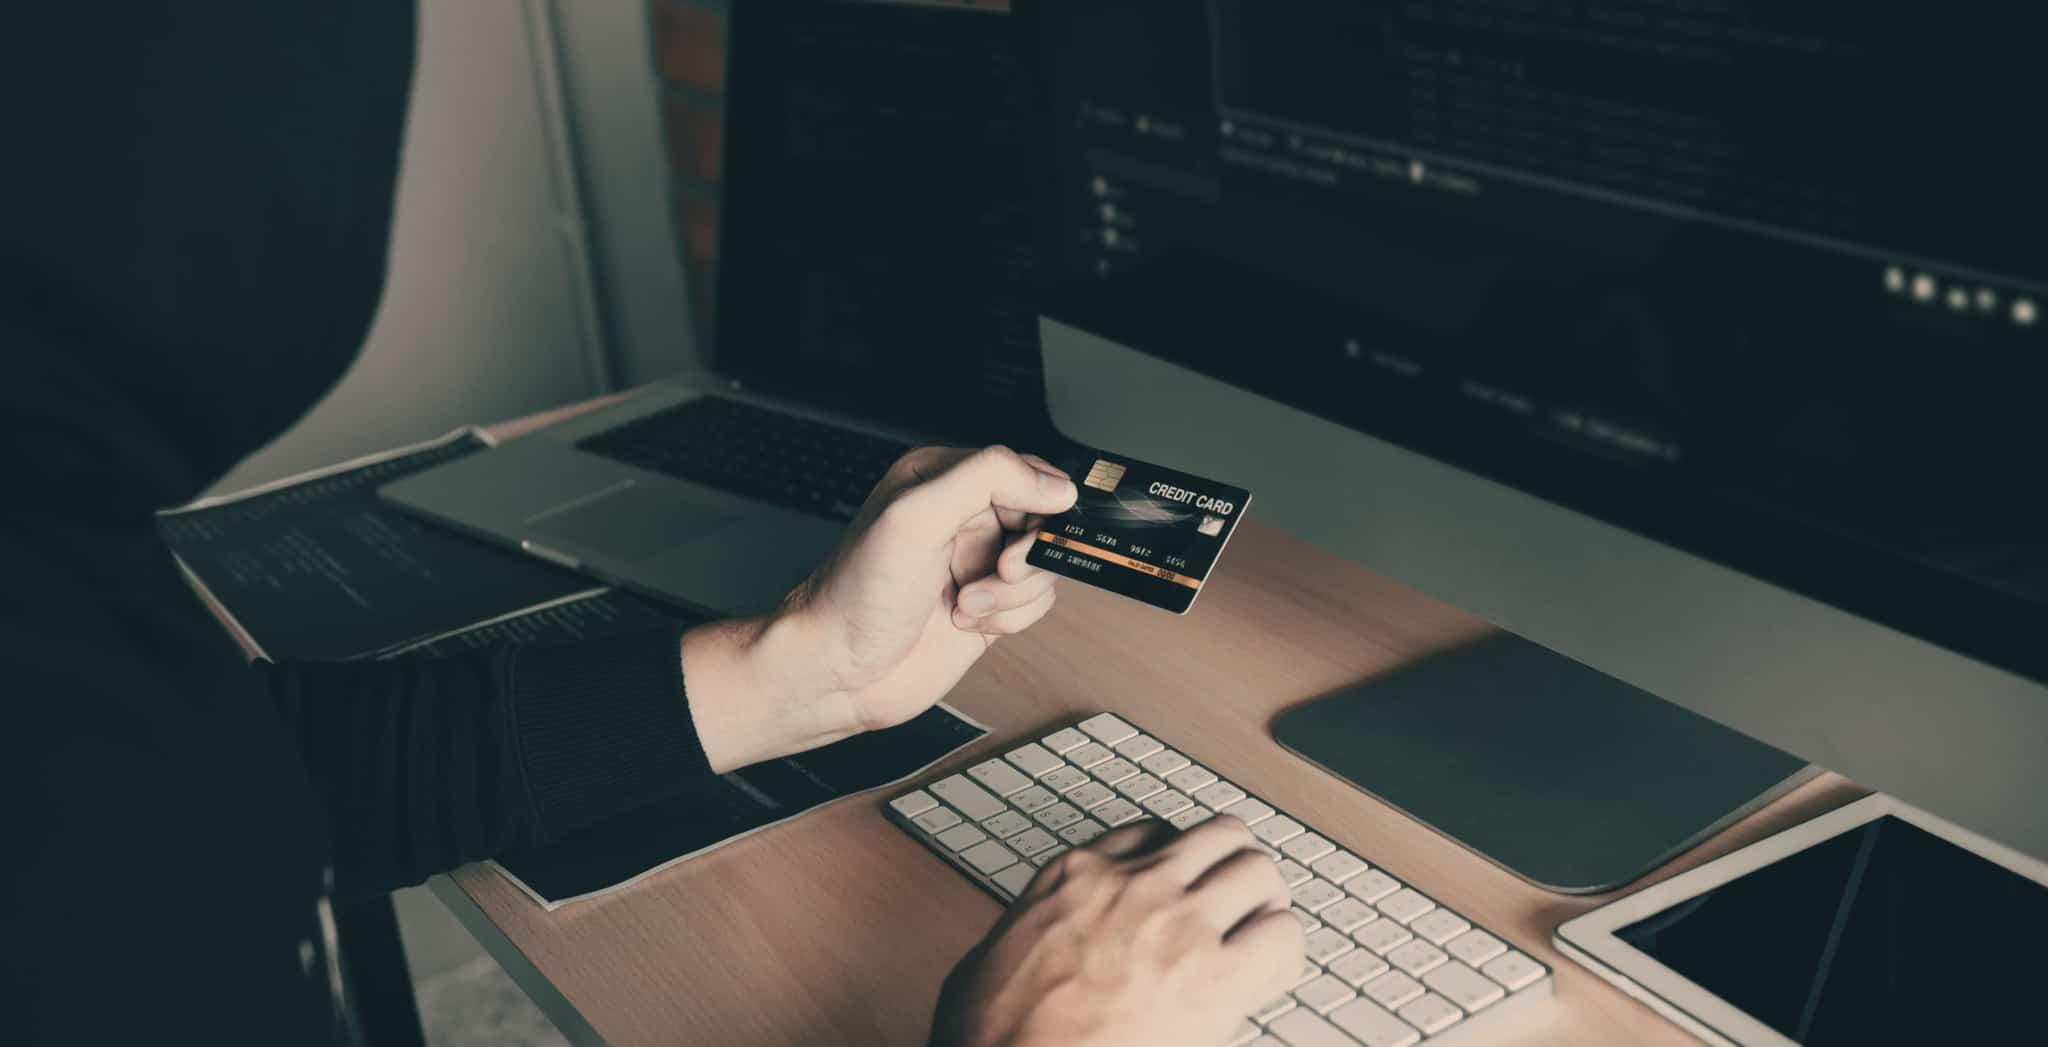 homem a fazer copia de dados digitais num computador